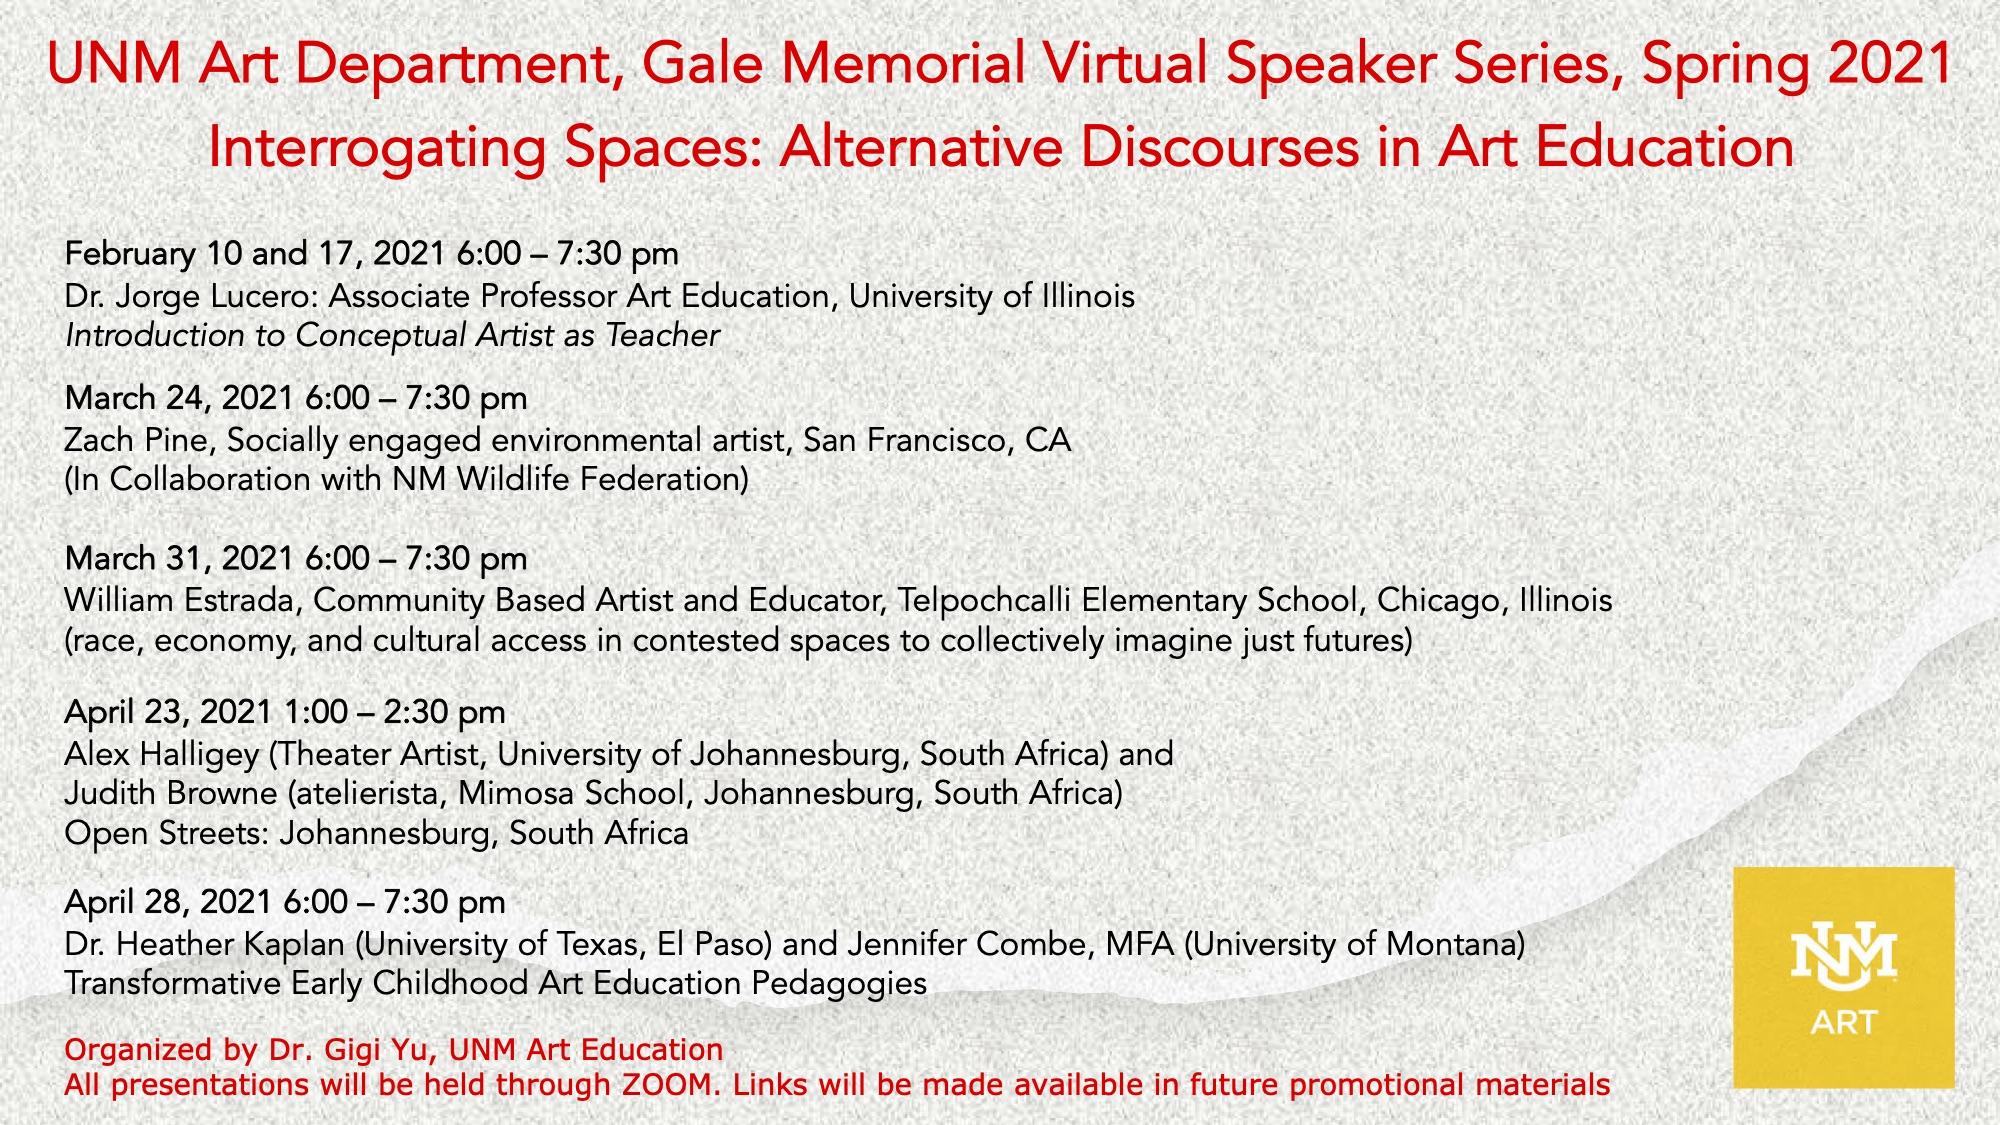 UNM Art Department SPRING 2021 ONLINE Gale Memorial Speaker Series